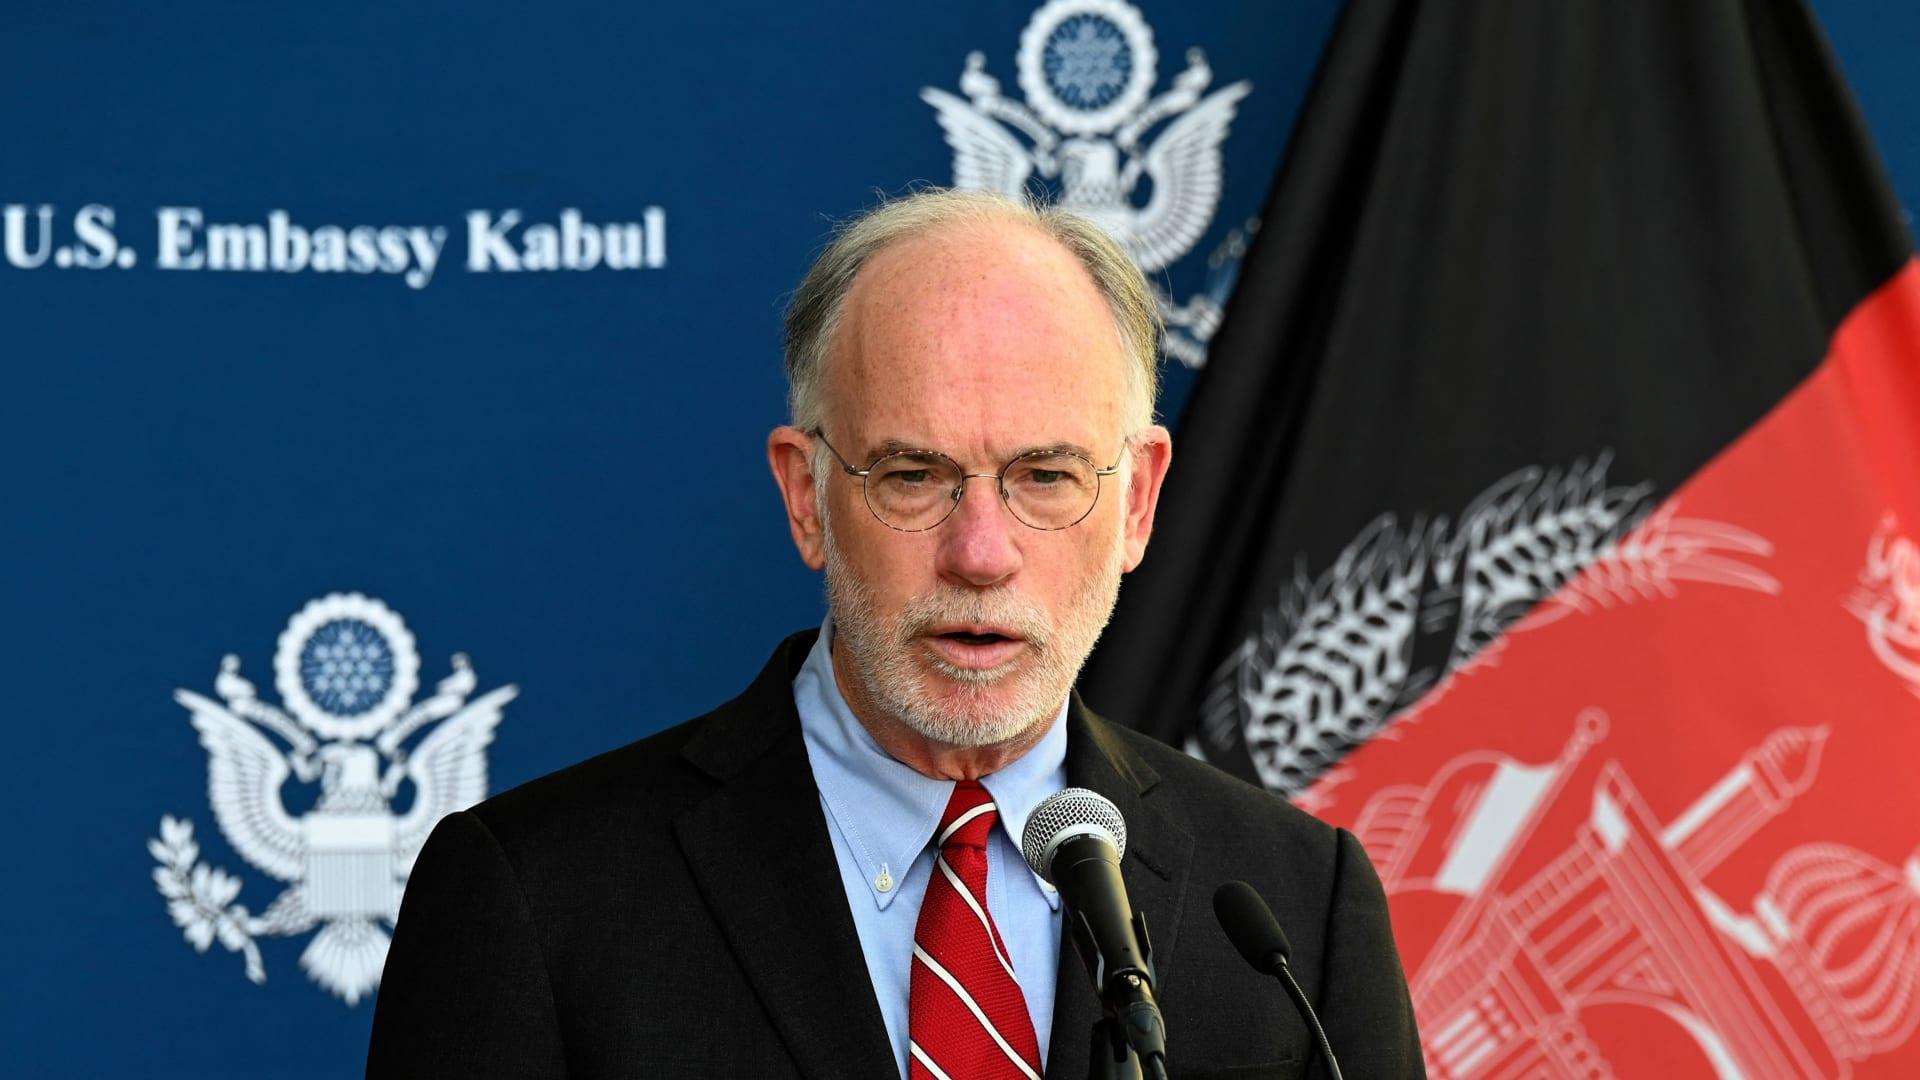 لمسؤول الأمريكي دافيرس روس ويلسون يلقي كلمة في مؤتمر صحفي في السفارة الأمريكية في كابول في 30 يوليو 2021